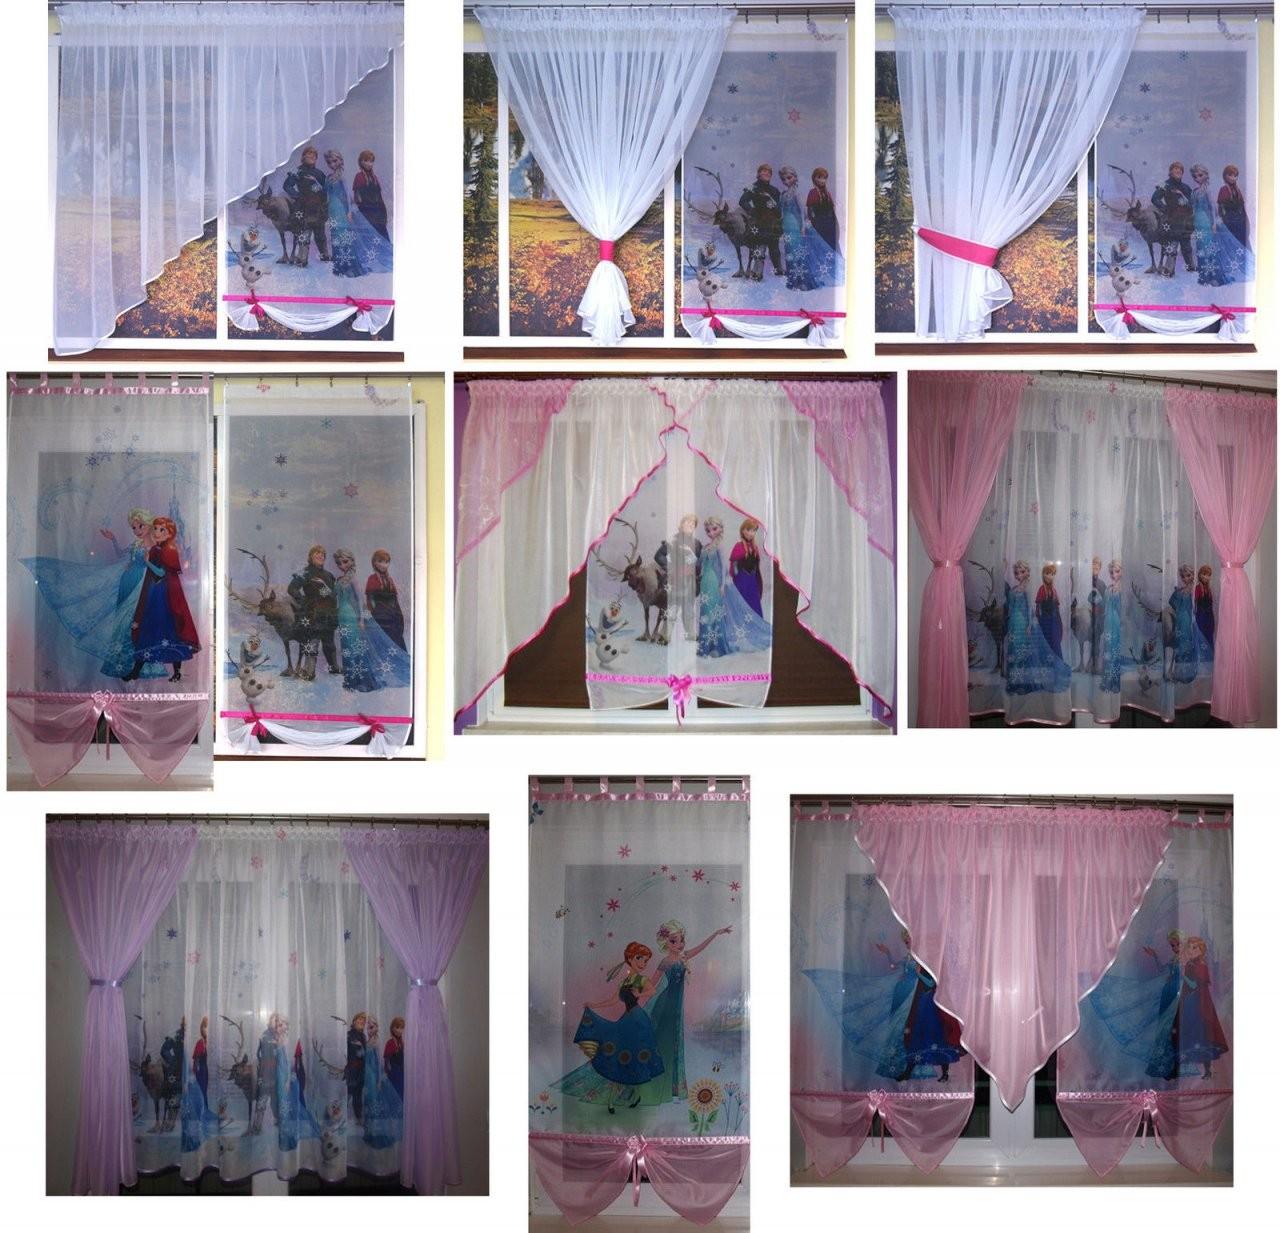 Gardinen Mehr Als 10000 Angebote Fotos Preise ✓  Seite 427 von Anna Und Elsa Gardinen Bild